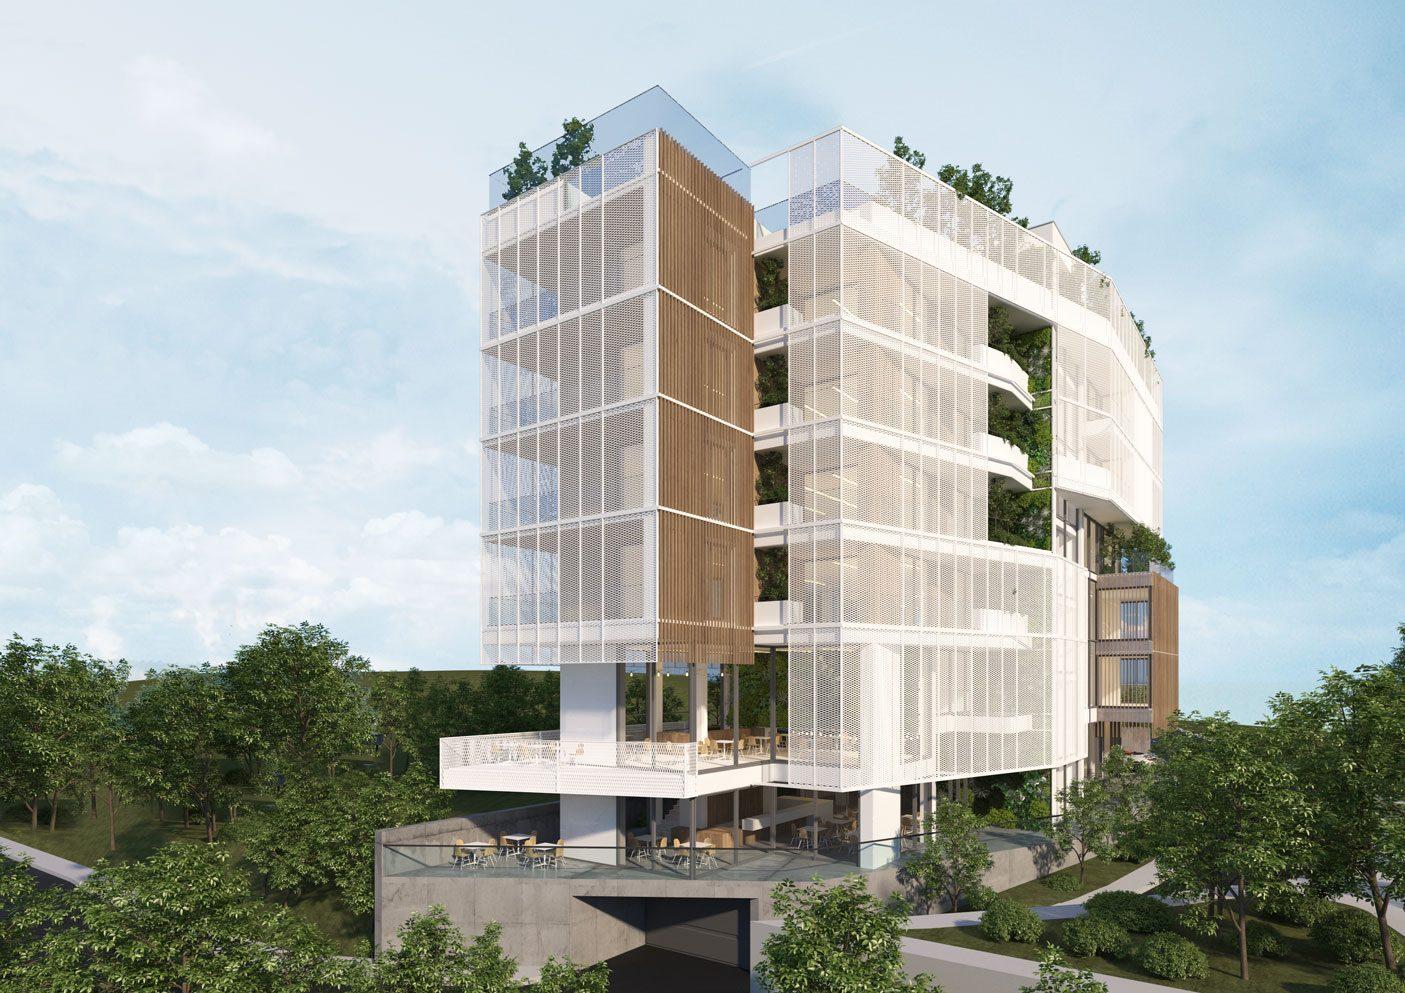 07_Seaside-Apartments.jpg